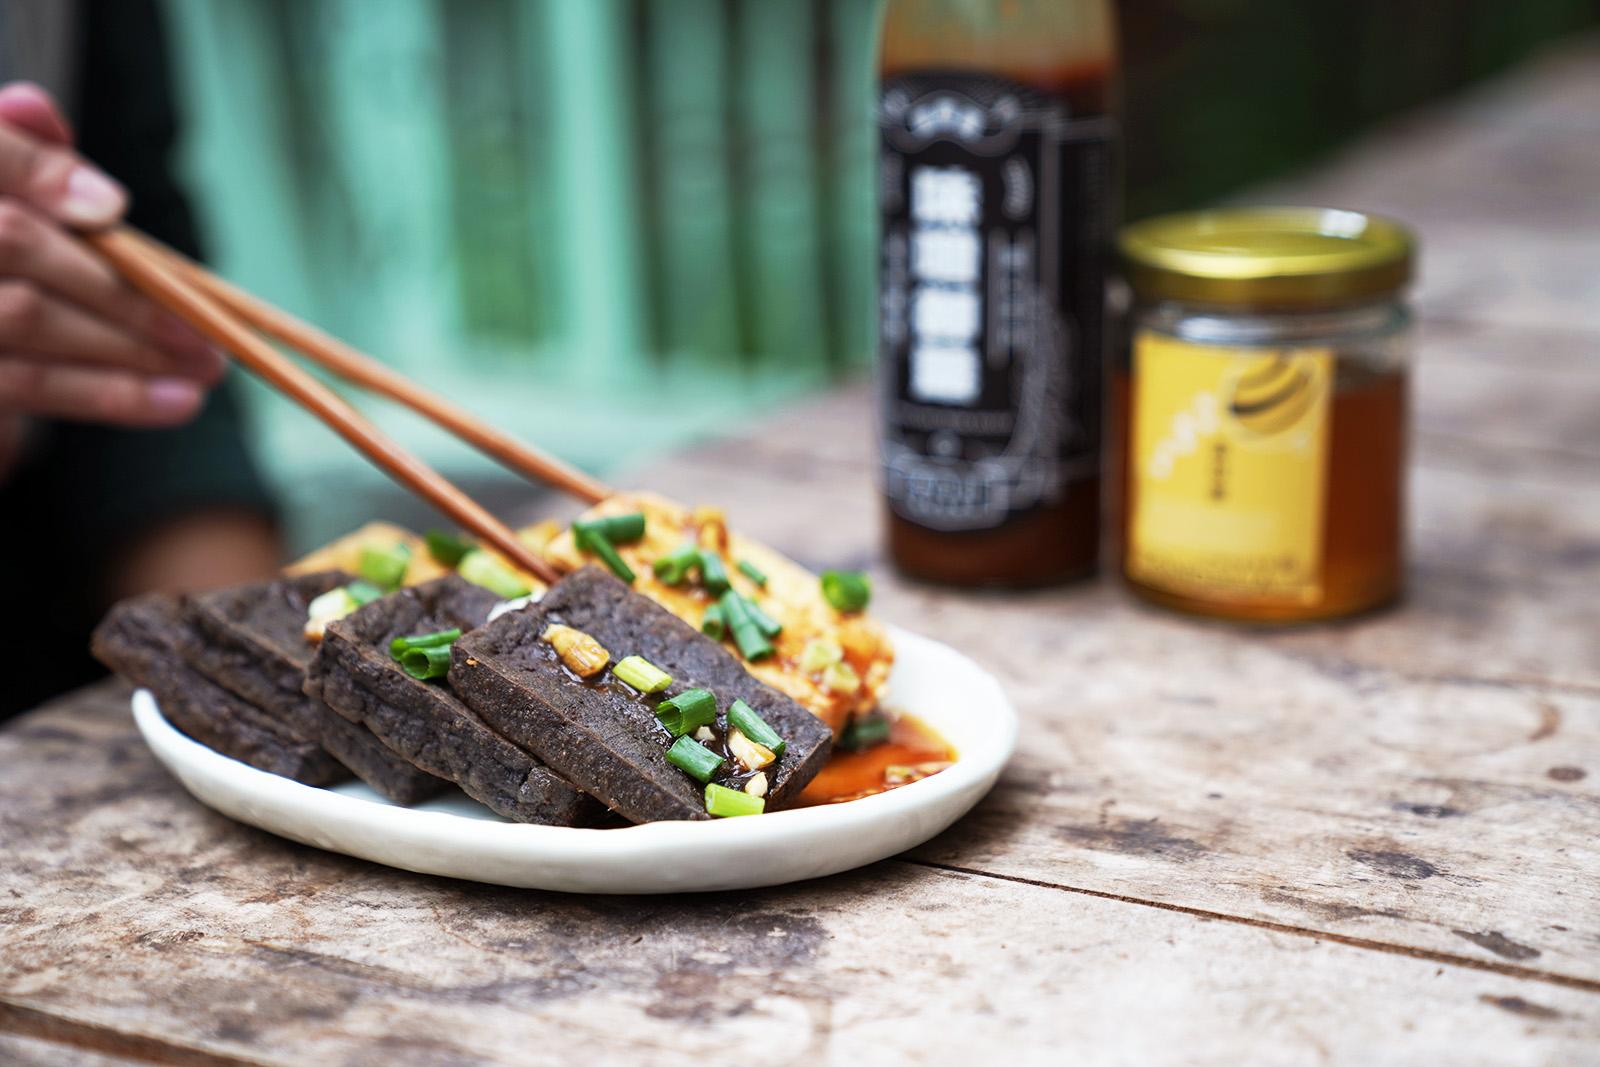 香煎豆腐佐味噌御露蜂蜜醬,鹽鹵豆腐的扎實口感搭配鹹香的味噌御露,再以蜂蜜提出甜蜜滋味,可以依自己的喜好調配出不同比例的醬料,10分鐘即可上桌的美味,快來動手做做看!   改變生命的豆漿店